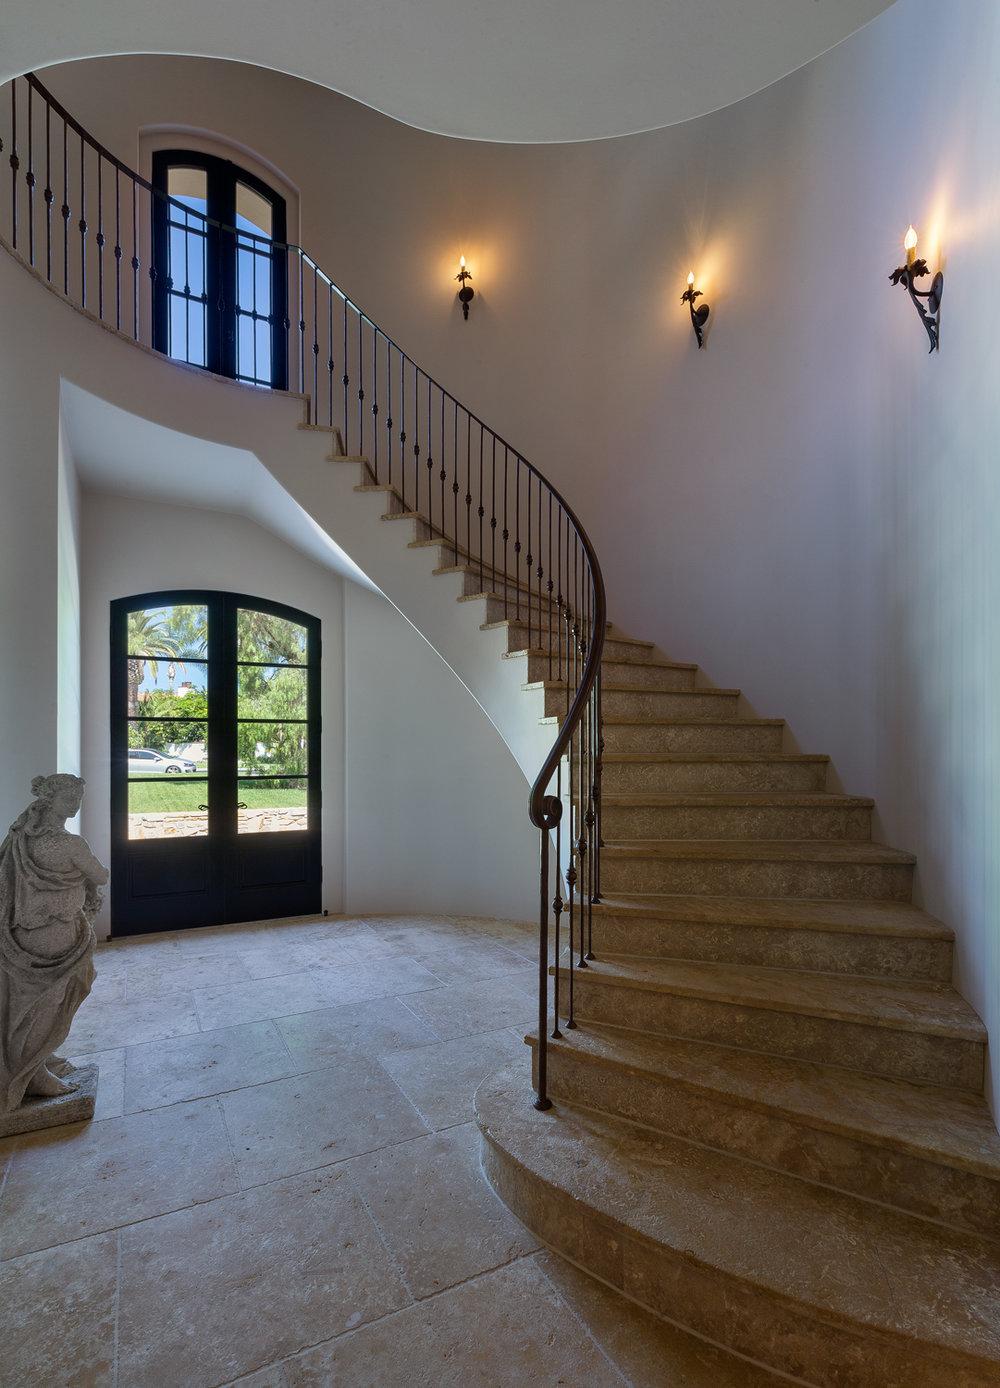 4095 Calle Isabella, emil kara, photographer, mediterranean architecture